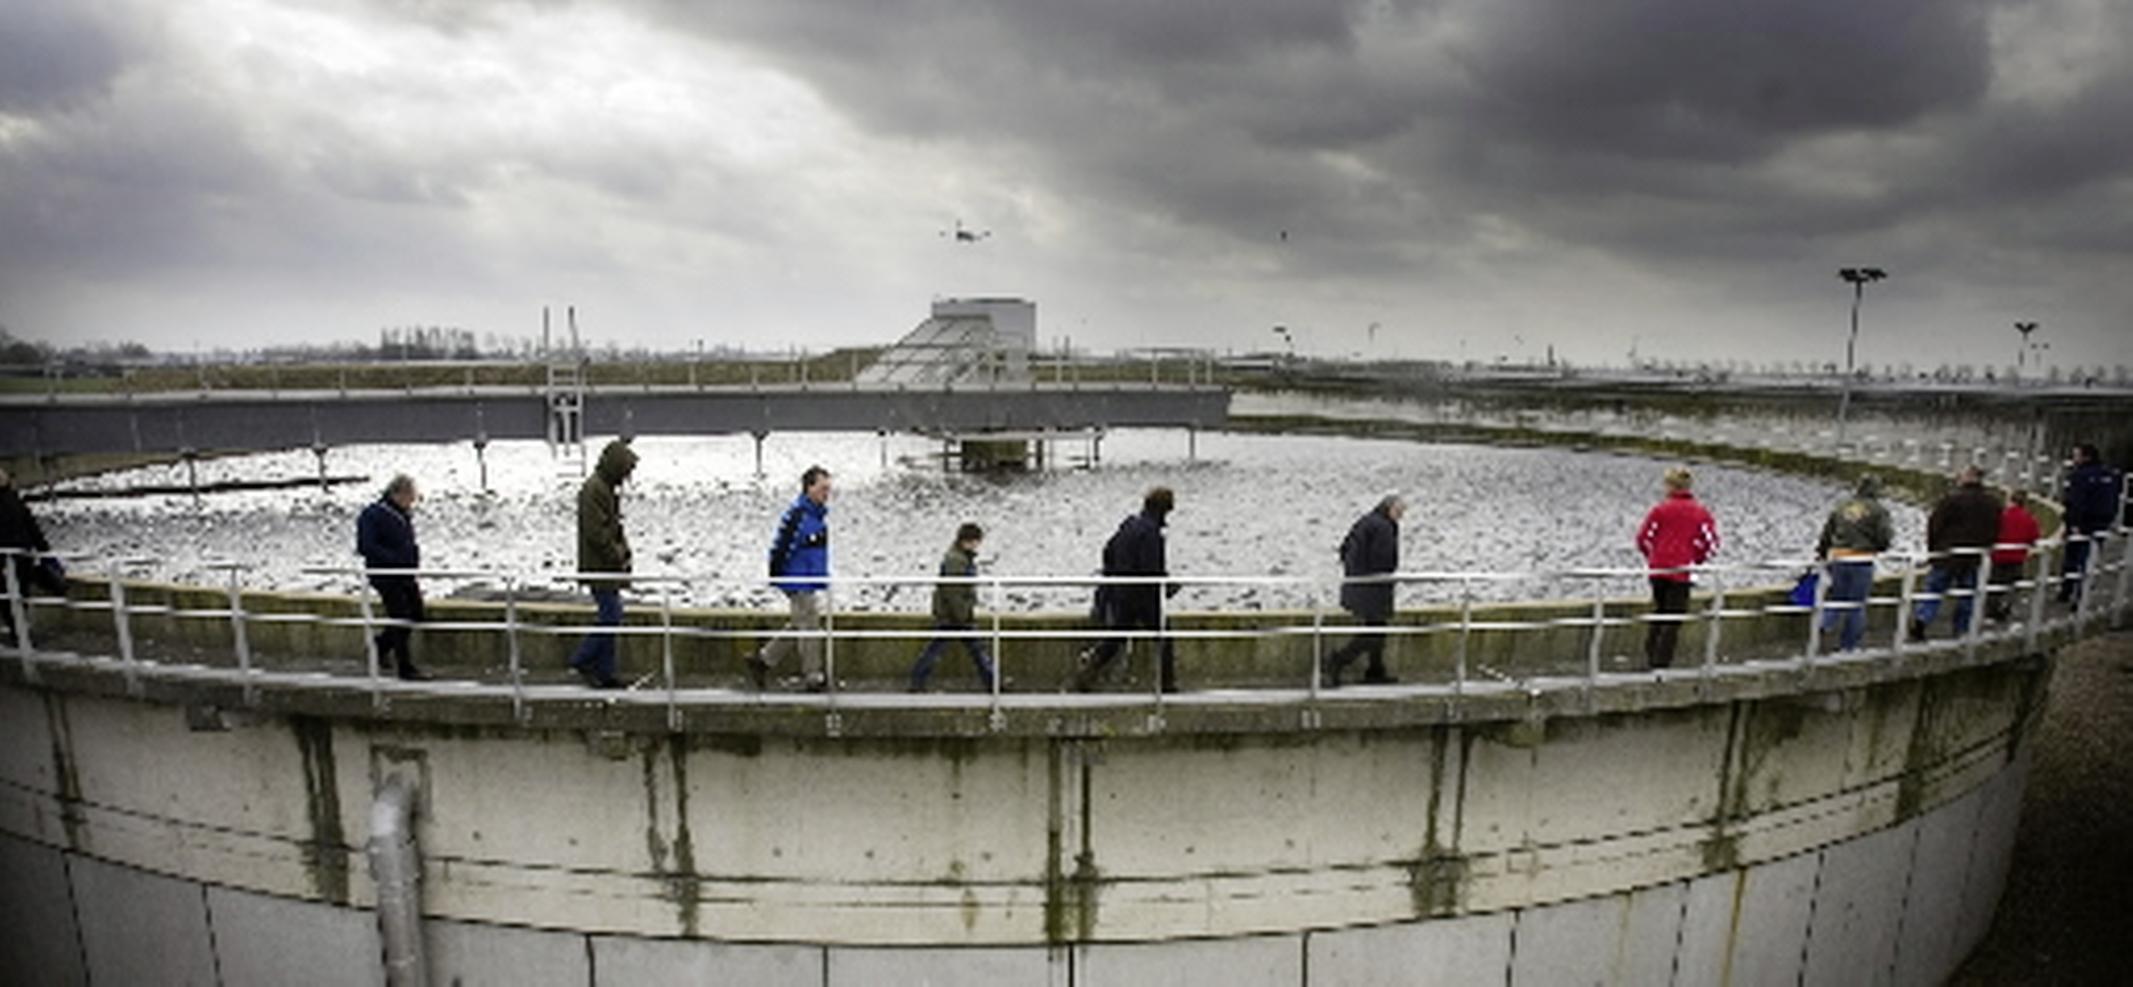 Aquathermie is 'het blauwe goud'. Waterschap neemt voortouw in verwarming van huizen en bedrijven met oppervlakte- en afvalwater